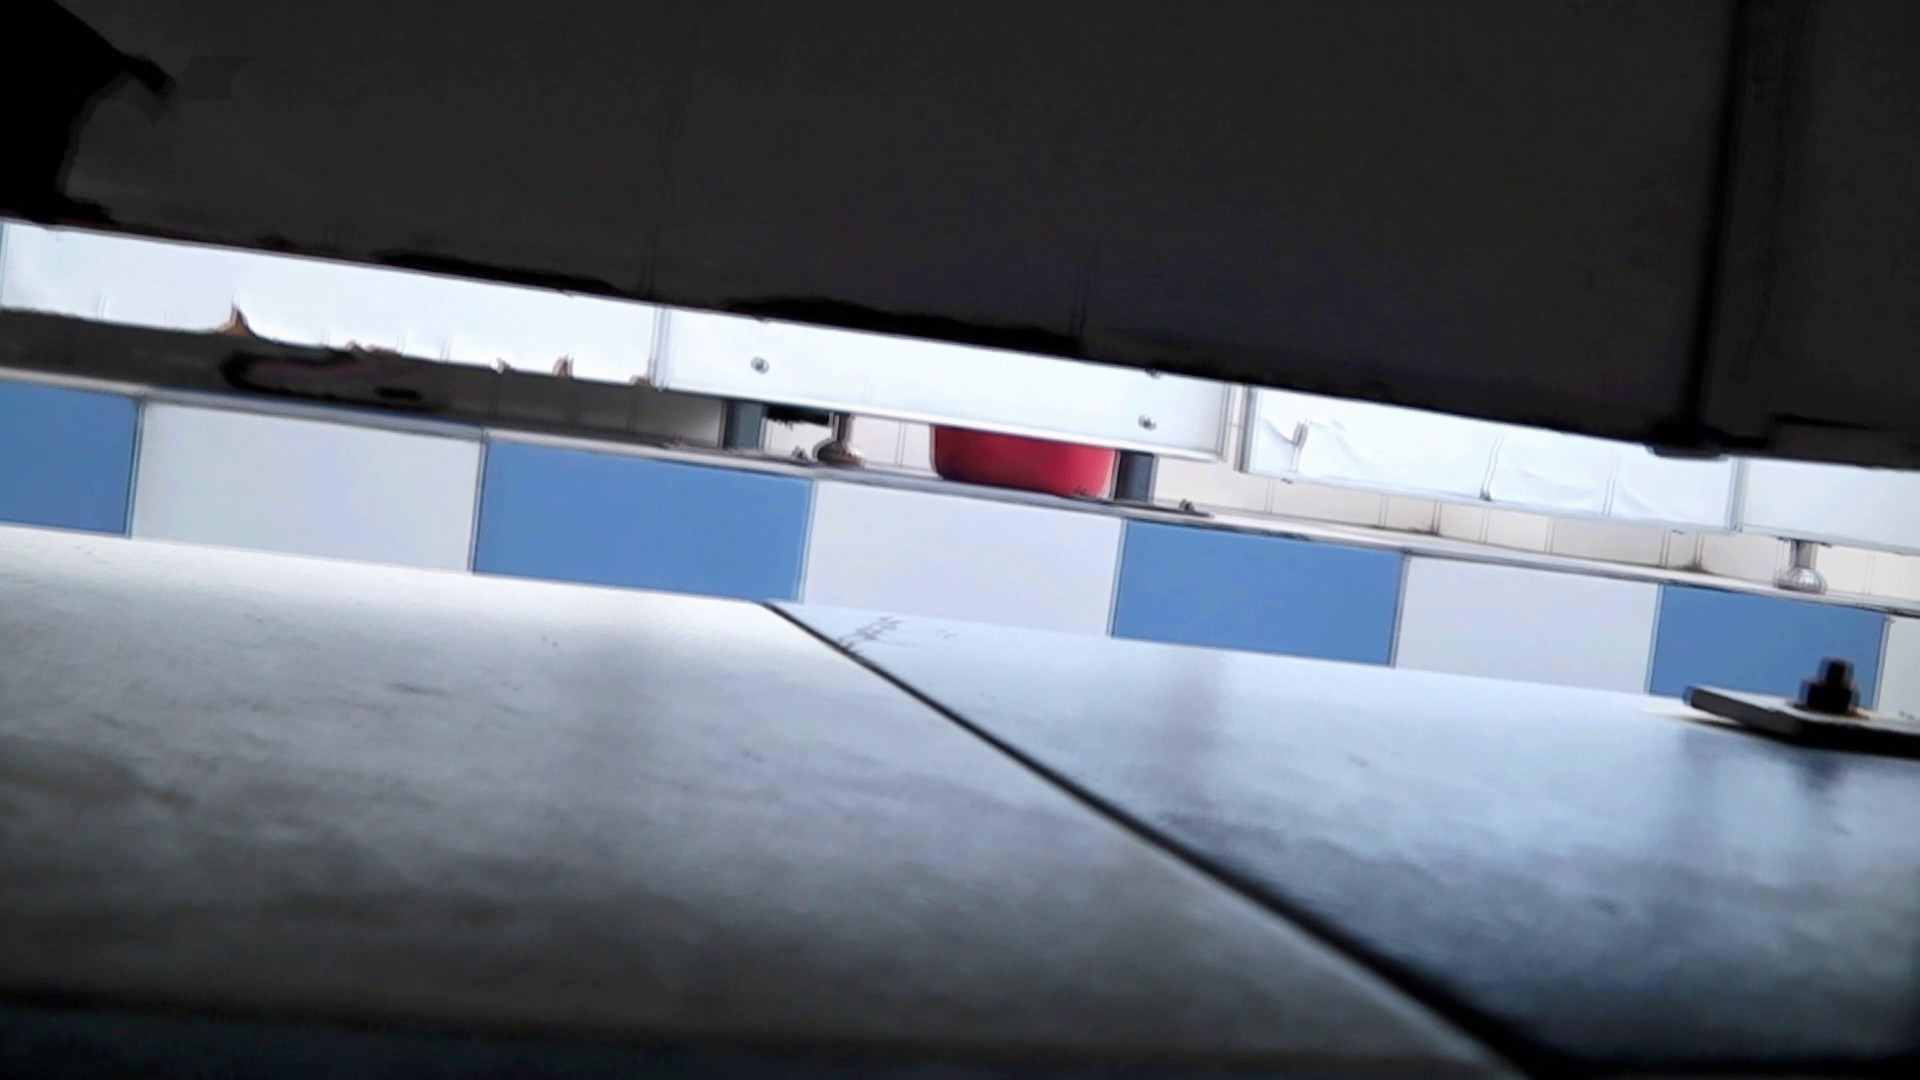 下からノゾム vol.020 10センチ越えドロンを垂らしながら・・・ ギャル攻め AV動画キャプチャ 109画像 68